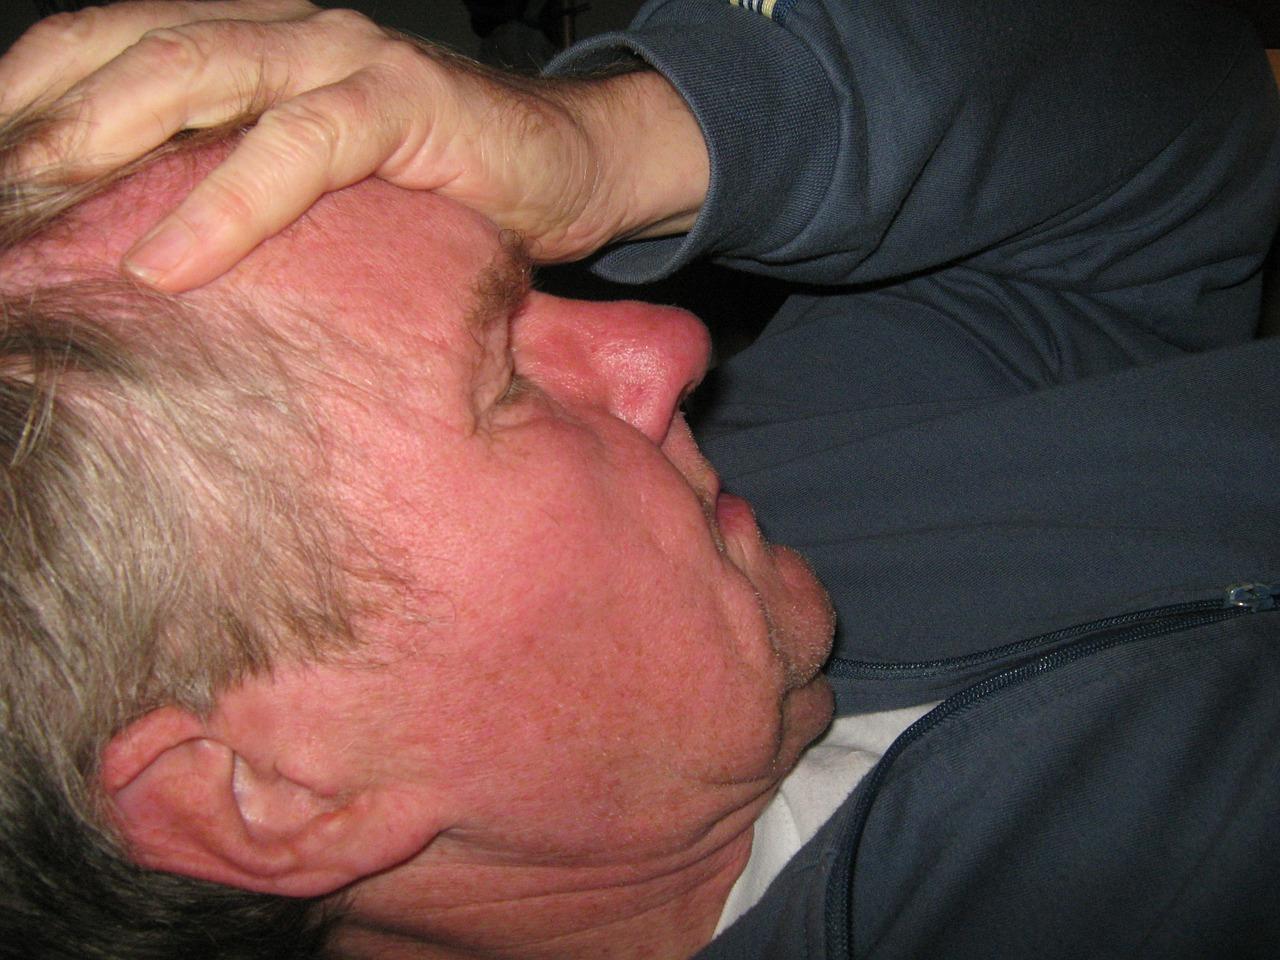 Kako pruziti prvu pomoc kod ozlijede zivcanog sustava Povrede glave